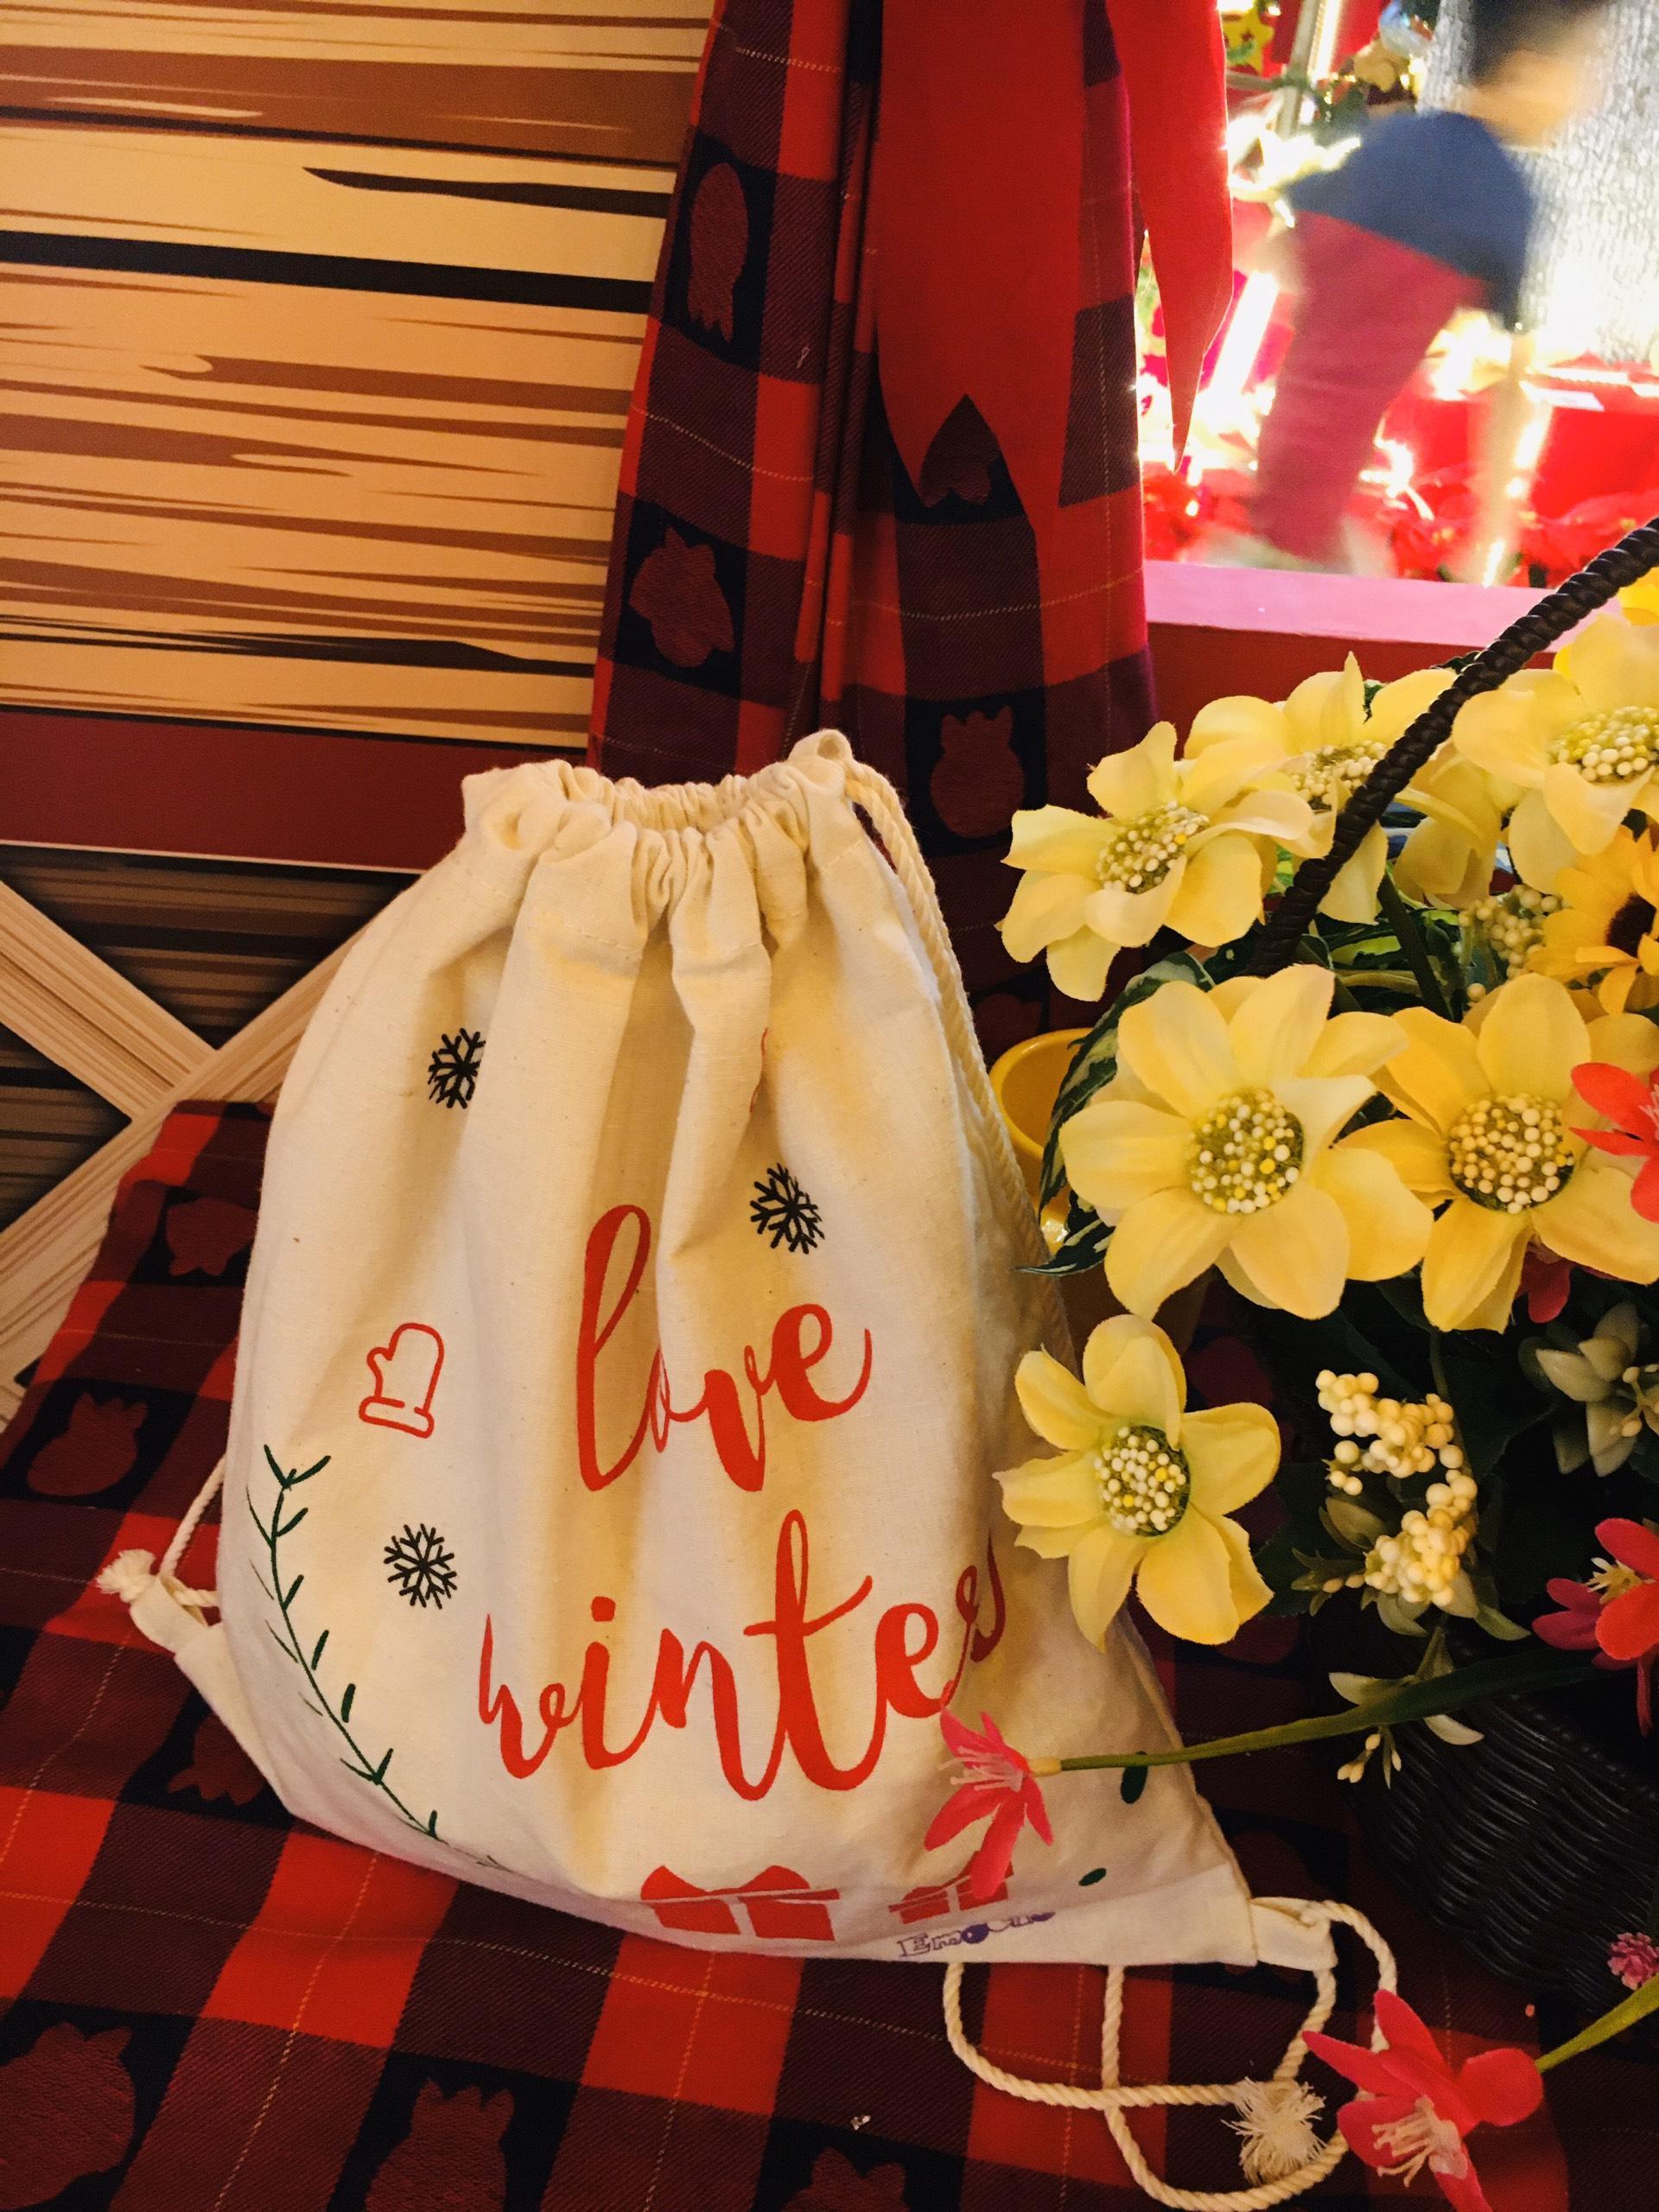 Giá bán Túi quà Noel giáng sinh, chất liệu vải canvas, dạng balo, túi rút tiện lợi khi sử dụng